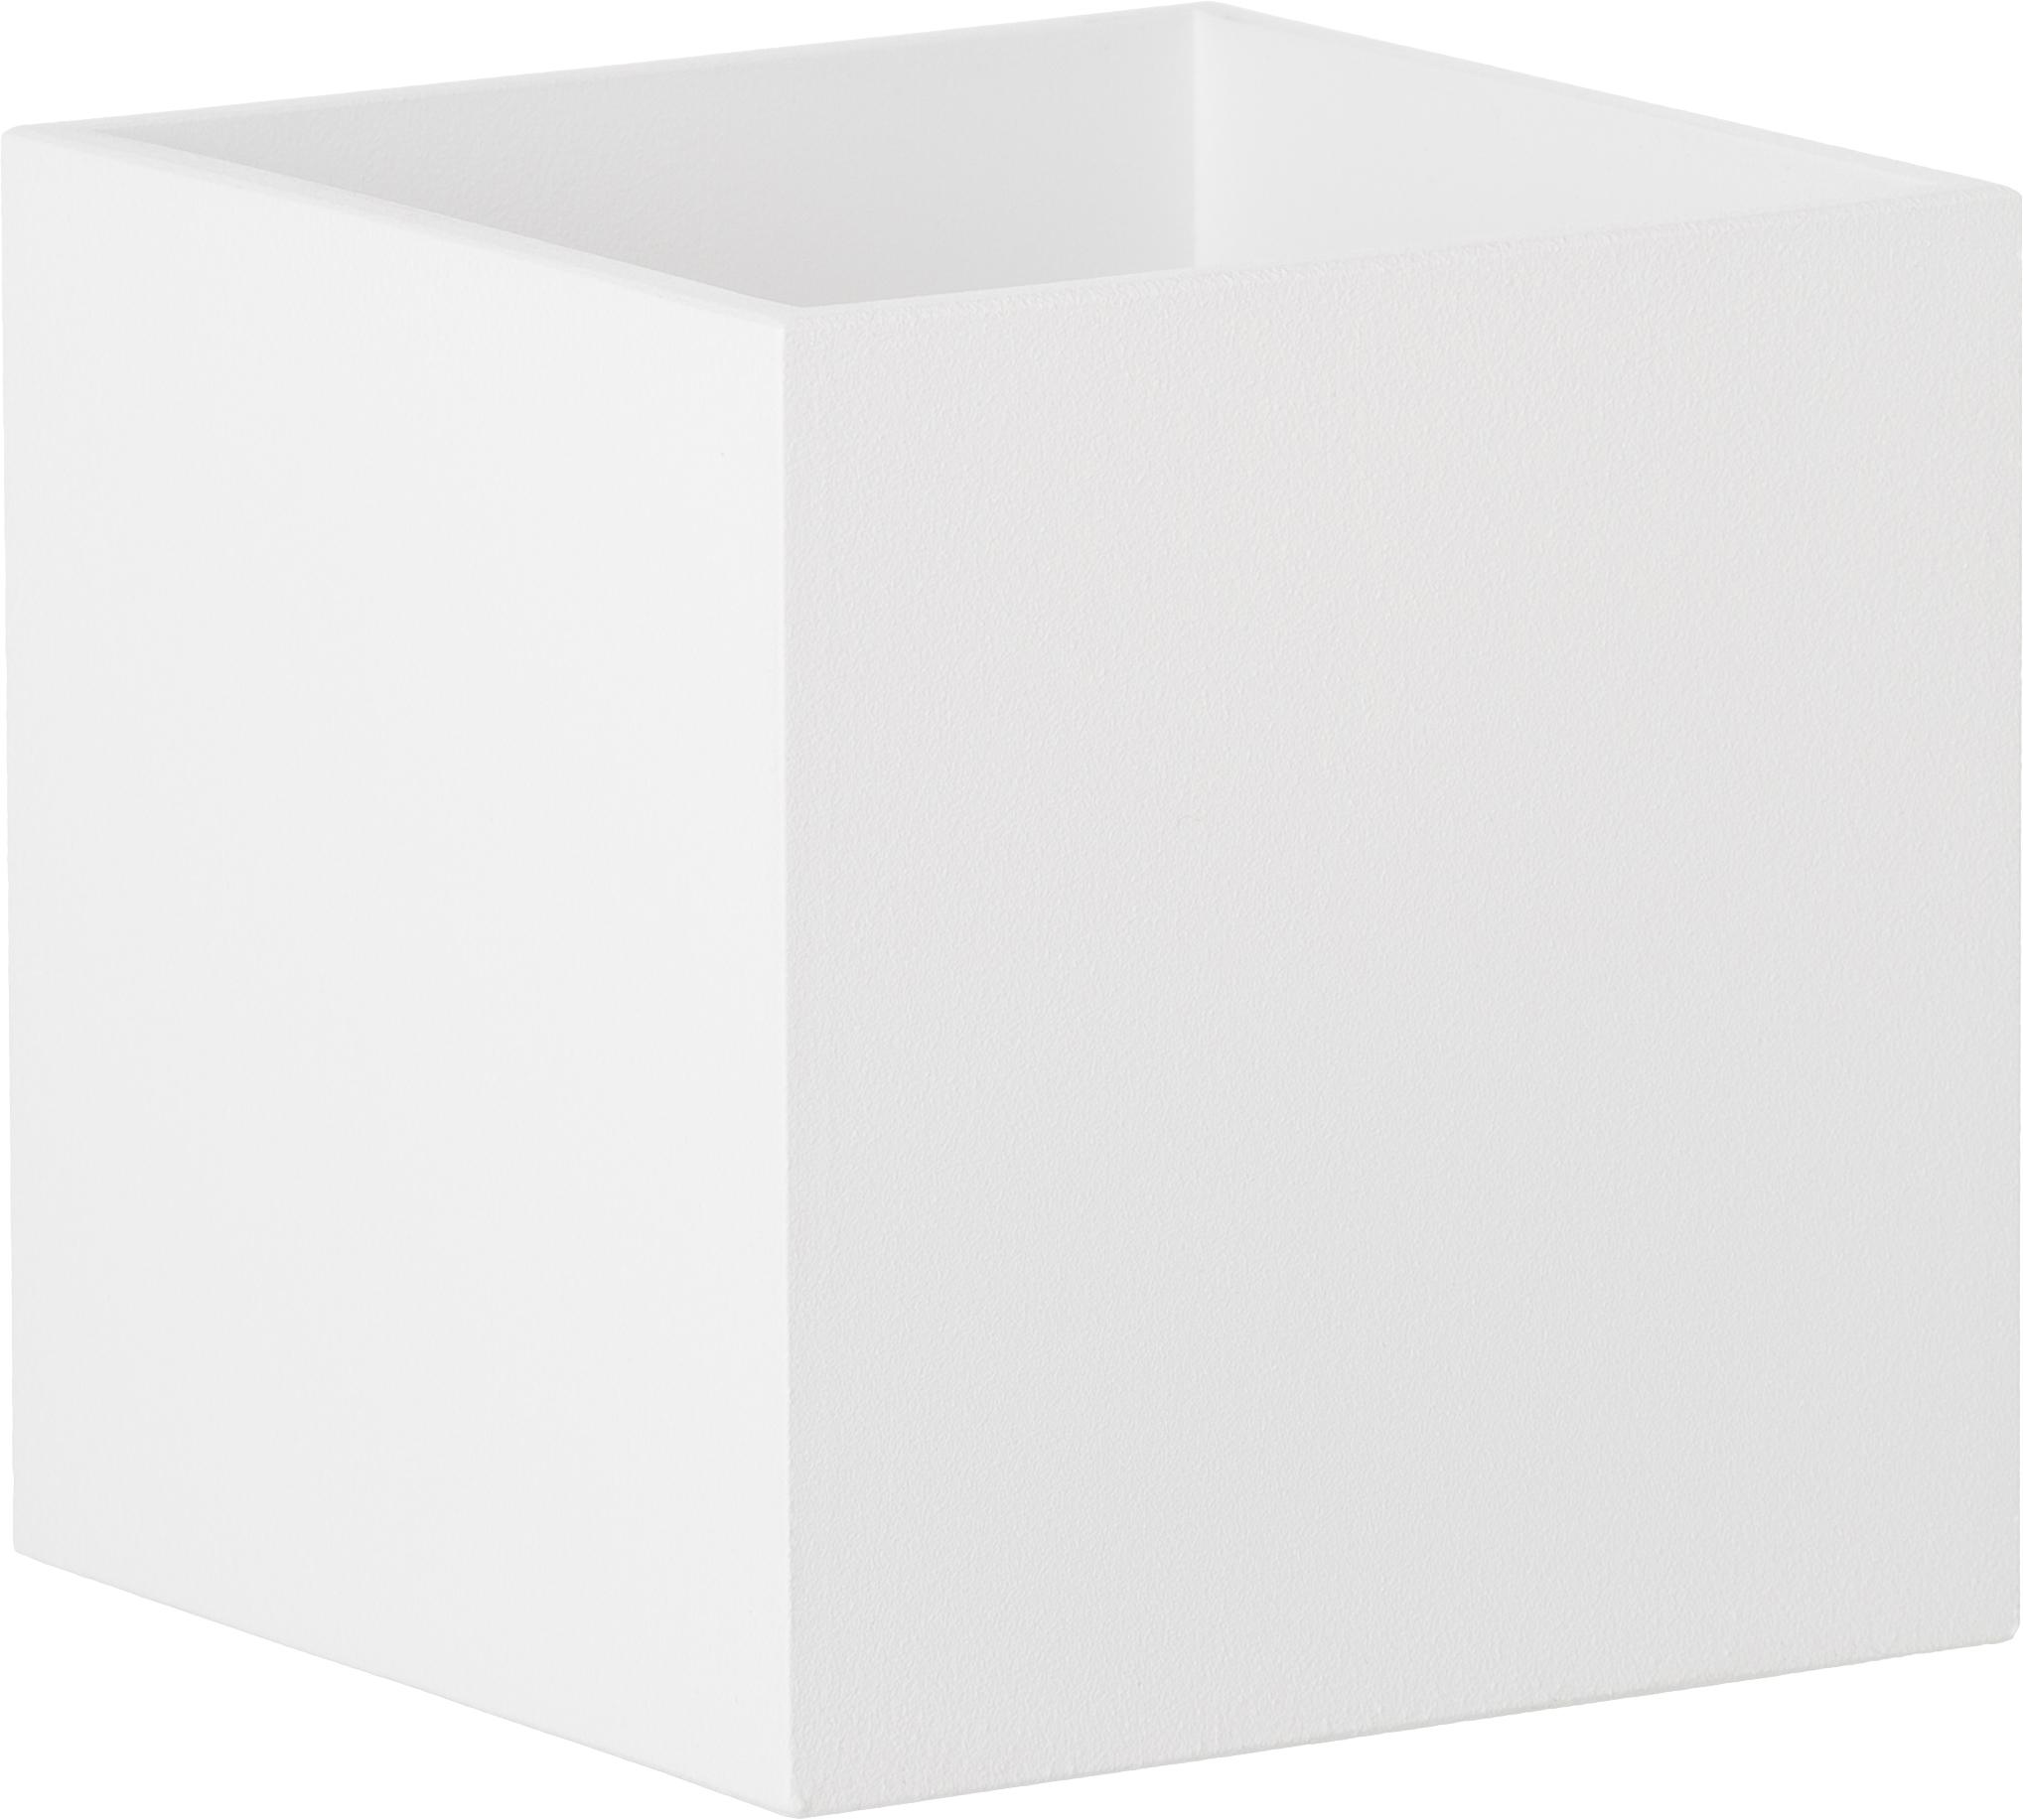 Wandlamp Quad, Gepoedercoat aluminium, Wit, 10 x 10 cm